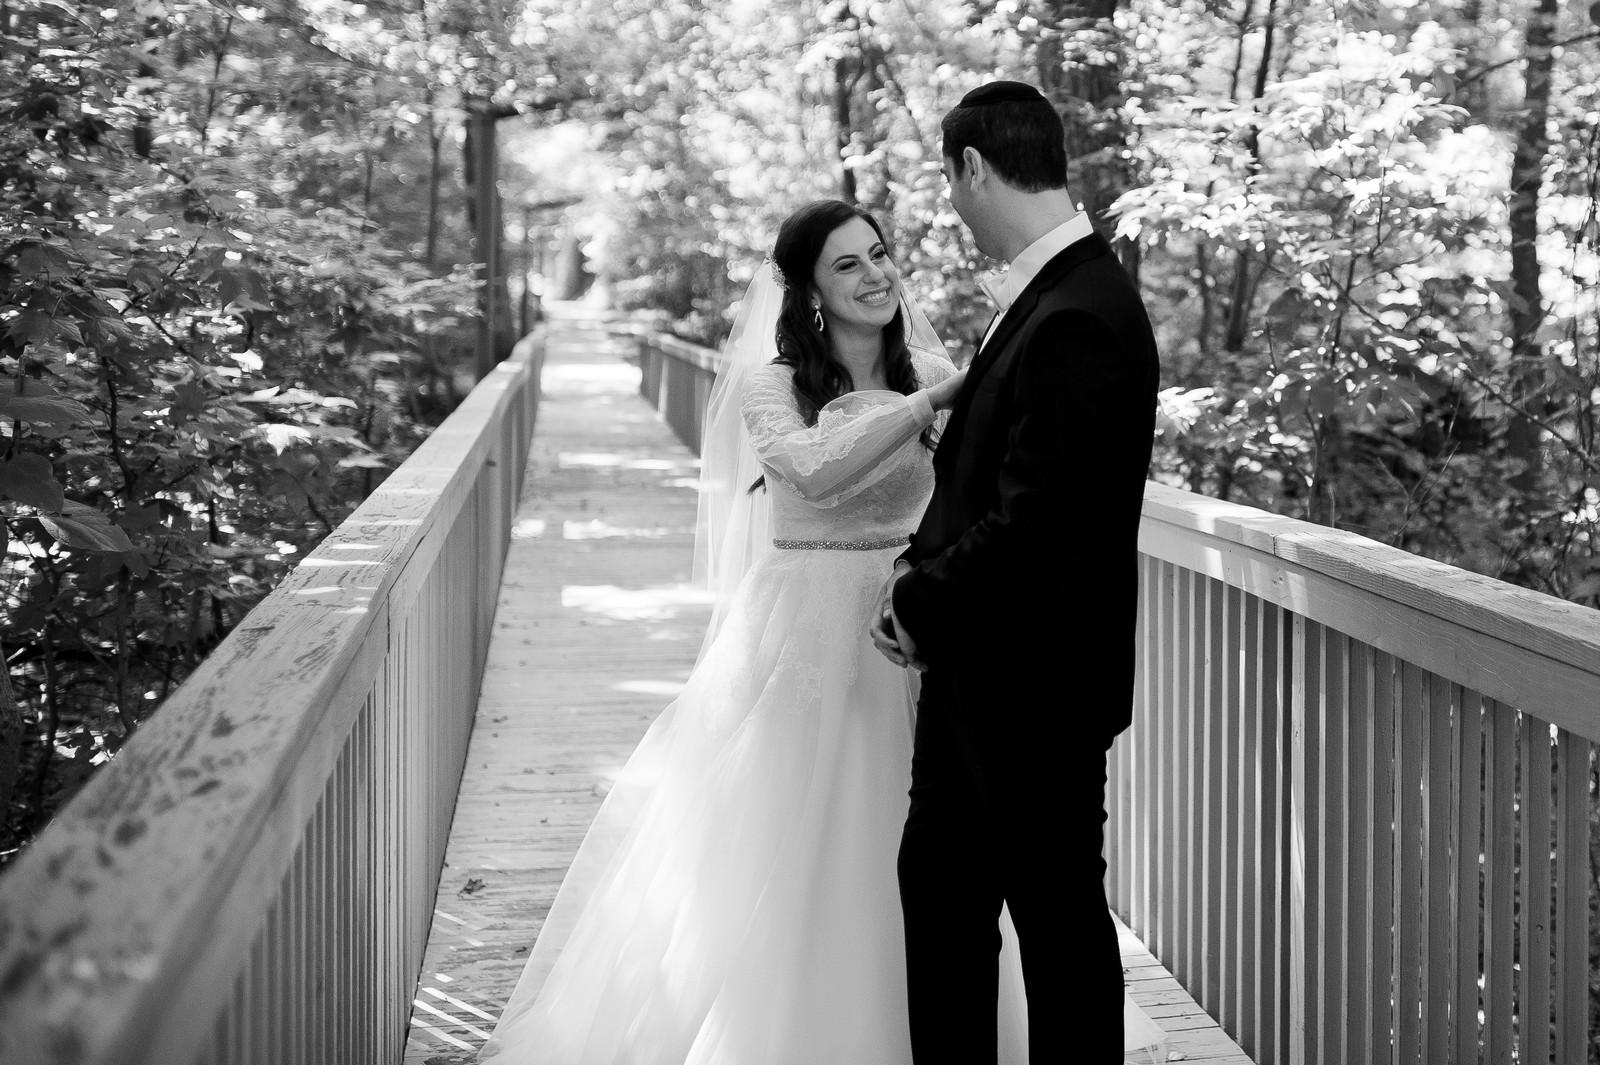 First Look Blog Post Photos By Chaim Schvarcz Bride Groom Wedding Day Park